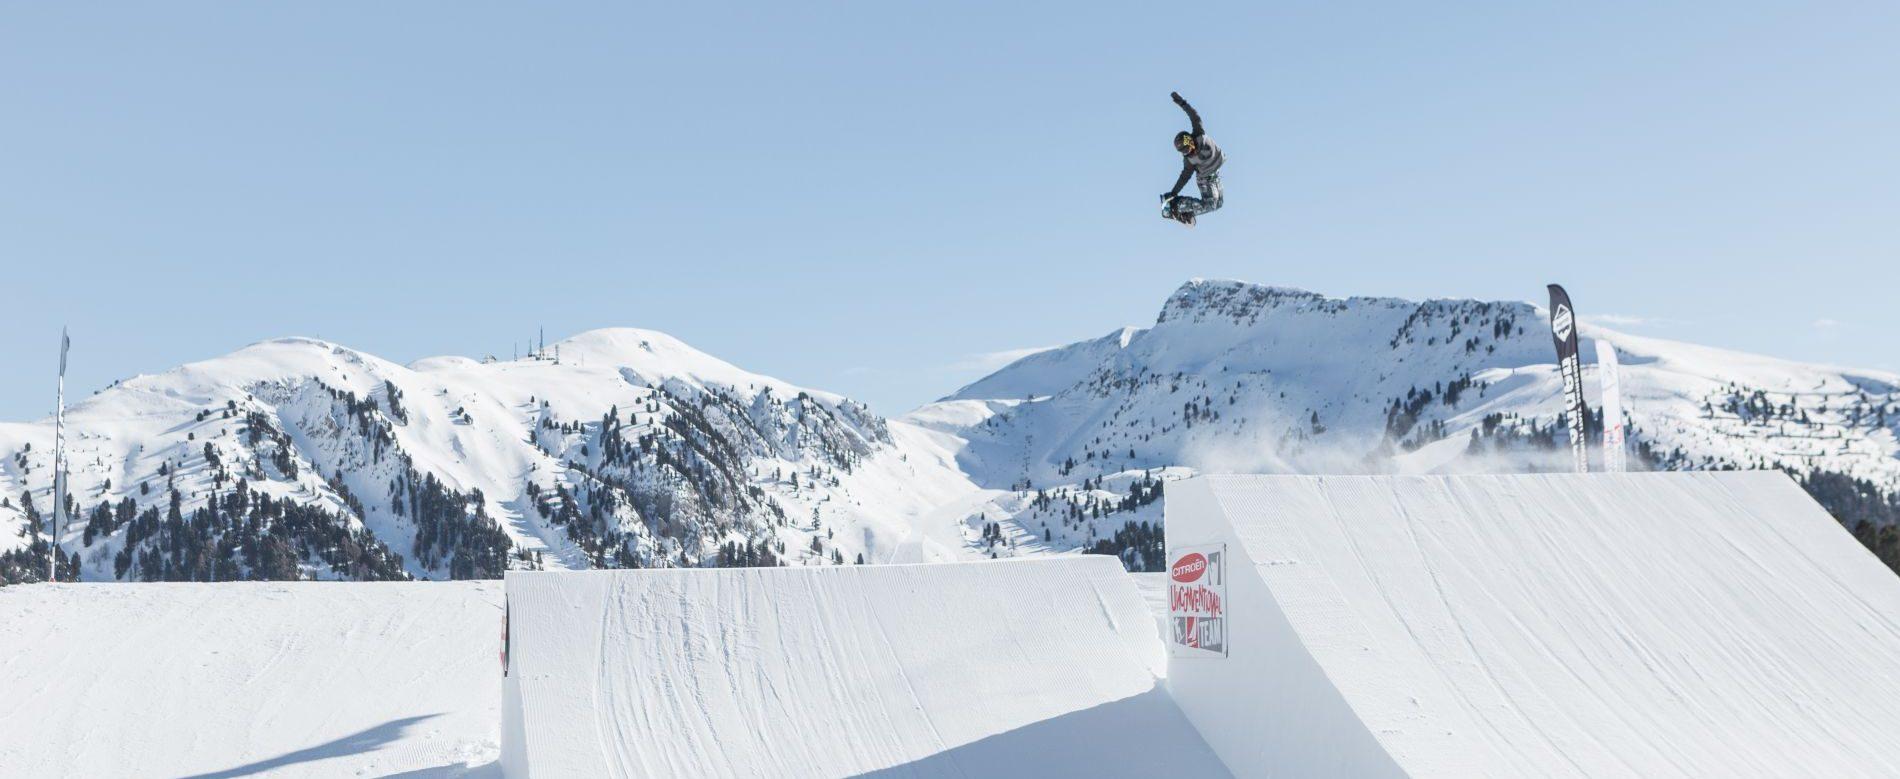 snowpark-obereggen-ski-center-latemar-trentino-alto-adige